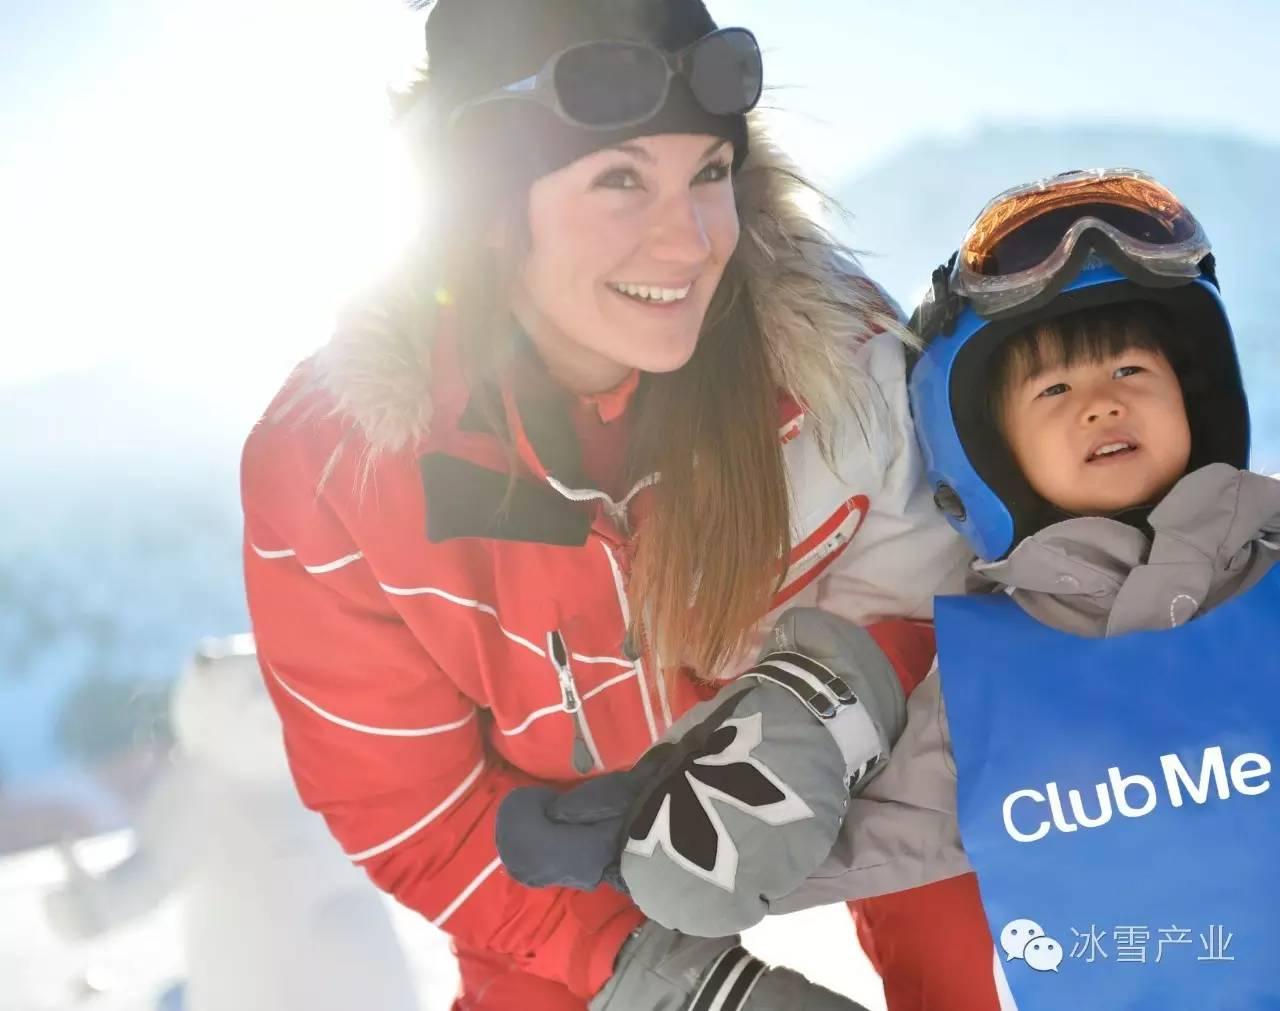 冰雪头条:2020年吉林省冰雪旅游人数目标出炉:1亿人次,年均增幅18% l 冰雪旅游总收入目标2300亿,年均增幅25%